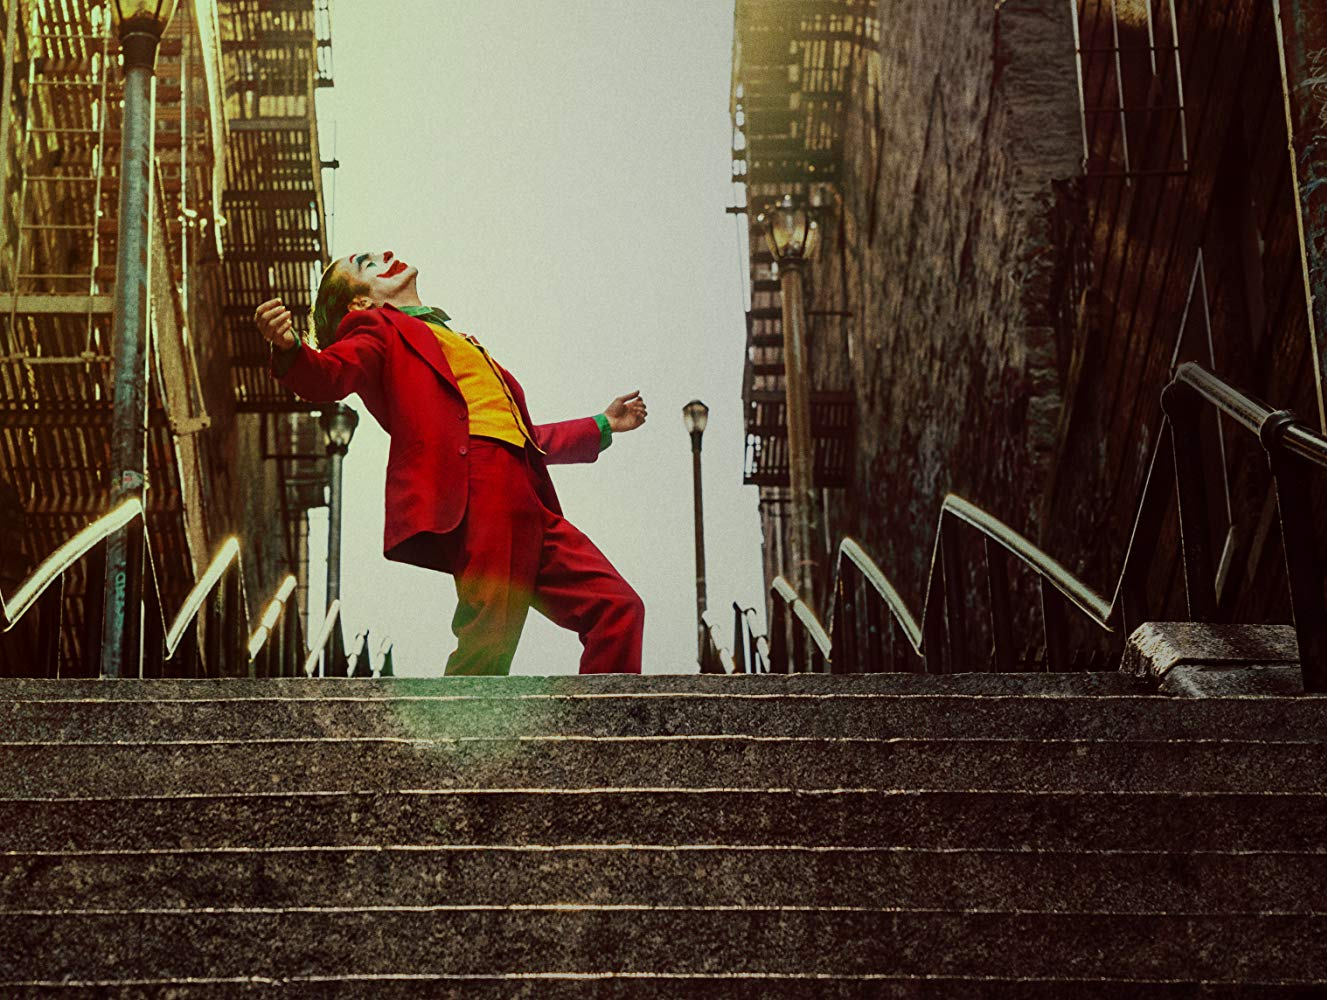 سکانس جذاب رقص خواکین فینیکس در فیلم «جوکر» (Joker) روی پله هایی در نیویورک سیتی باعث شده که این پله ها به یک جاذبه گردشگری جدید برای این شهر تبدیل شوند.